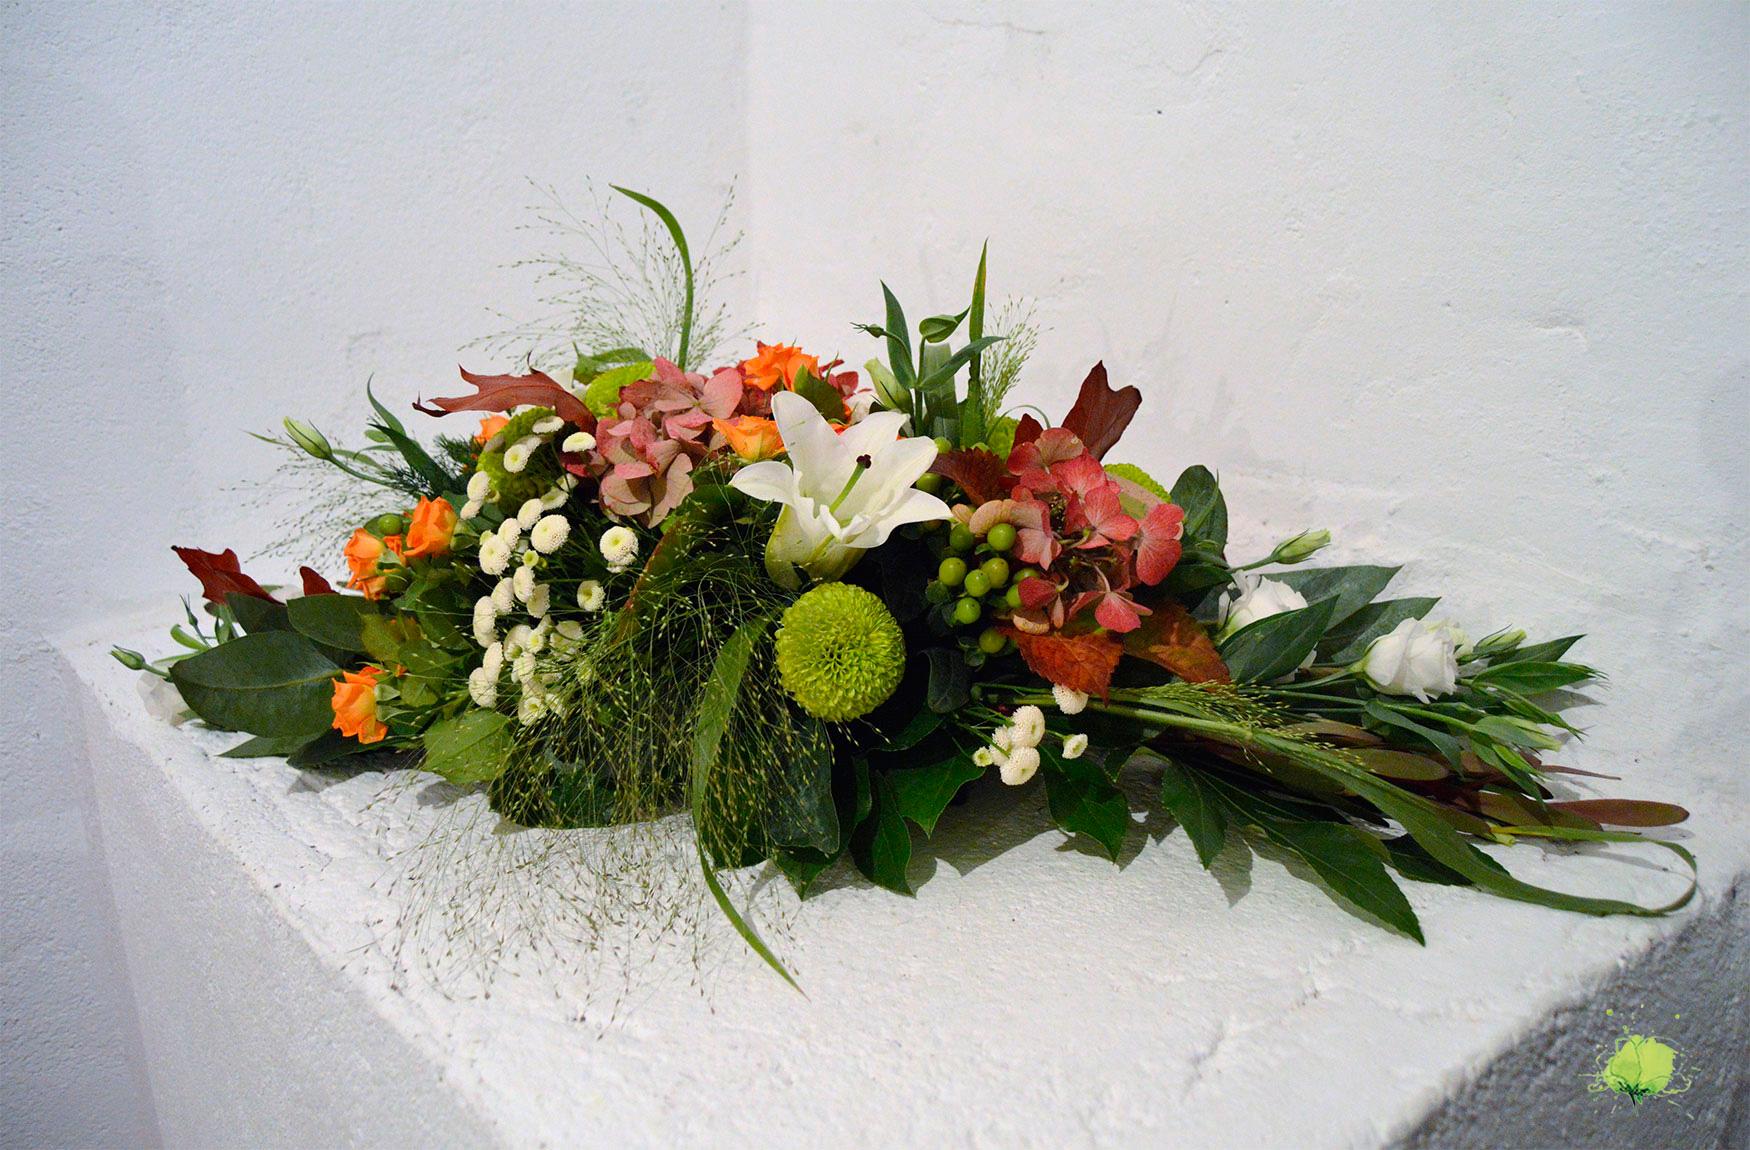 Servicios Funerales Tanatorio de Segovia - Blumenaria Taller Floral